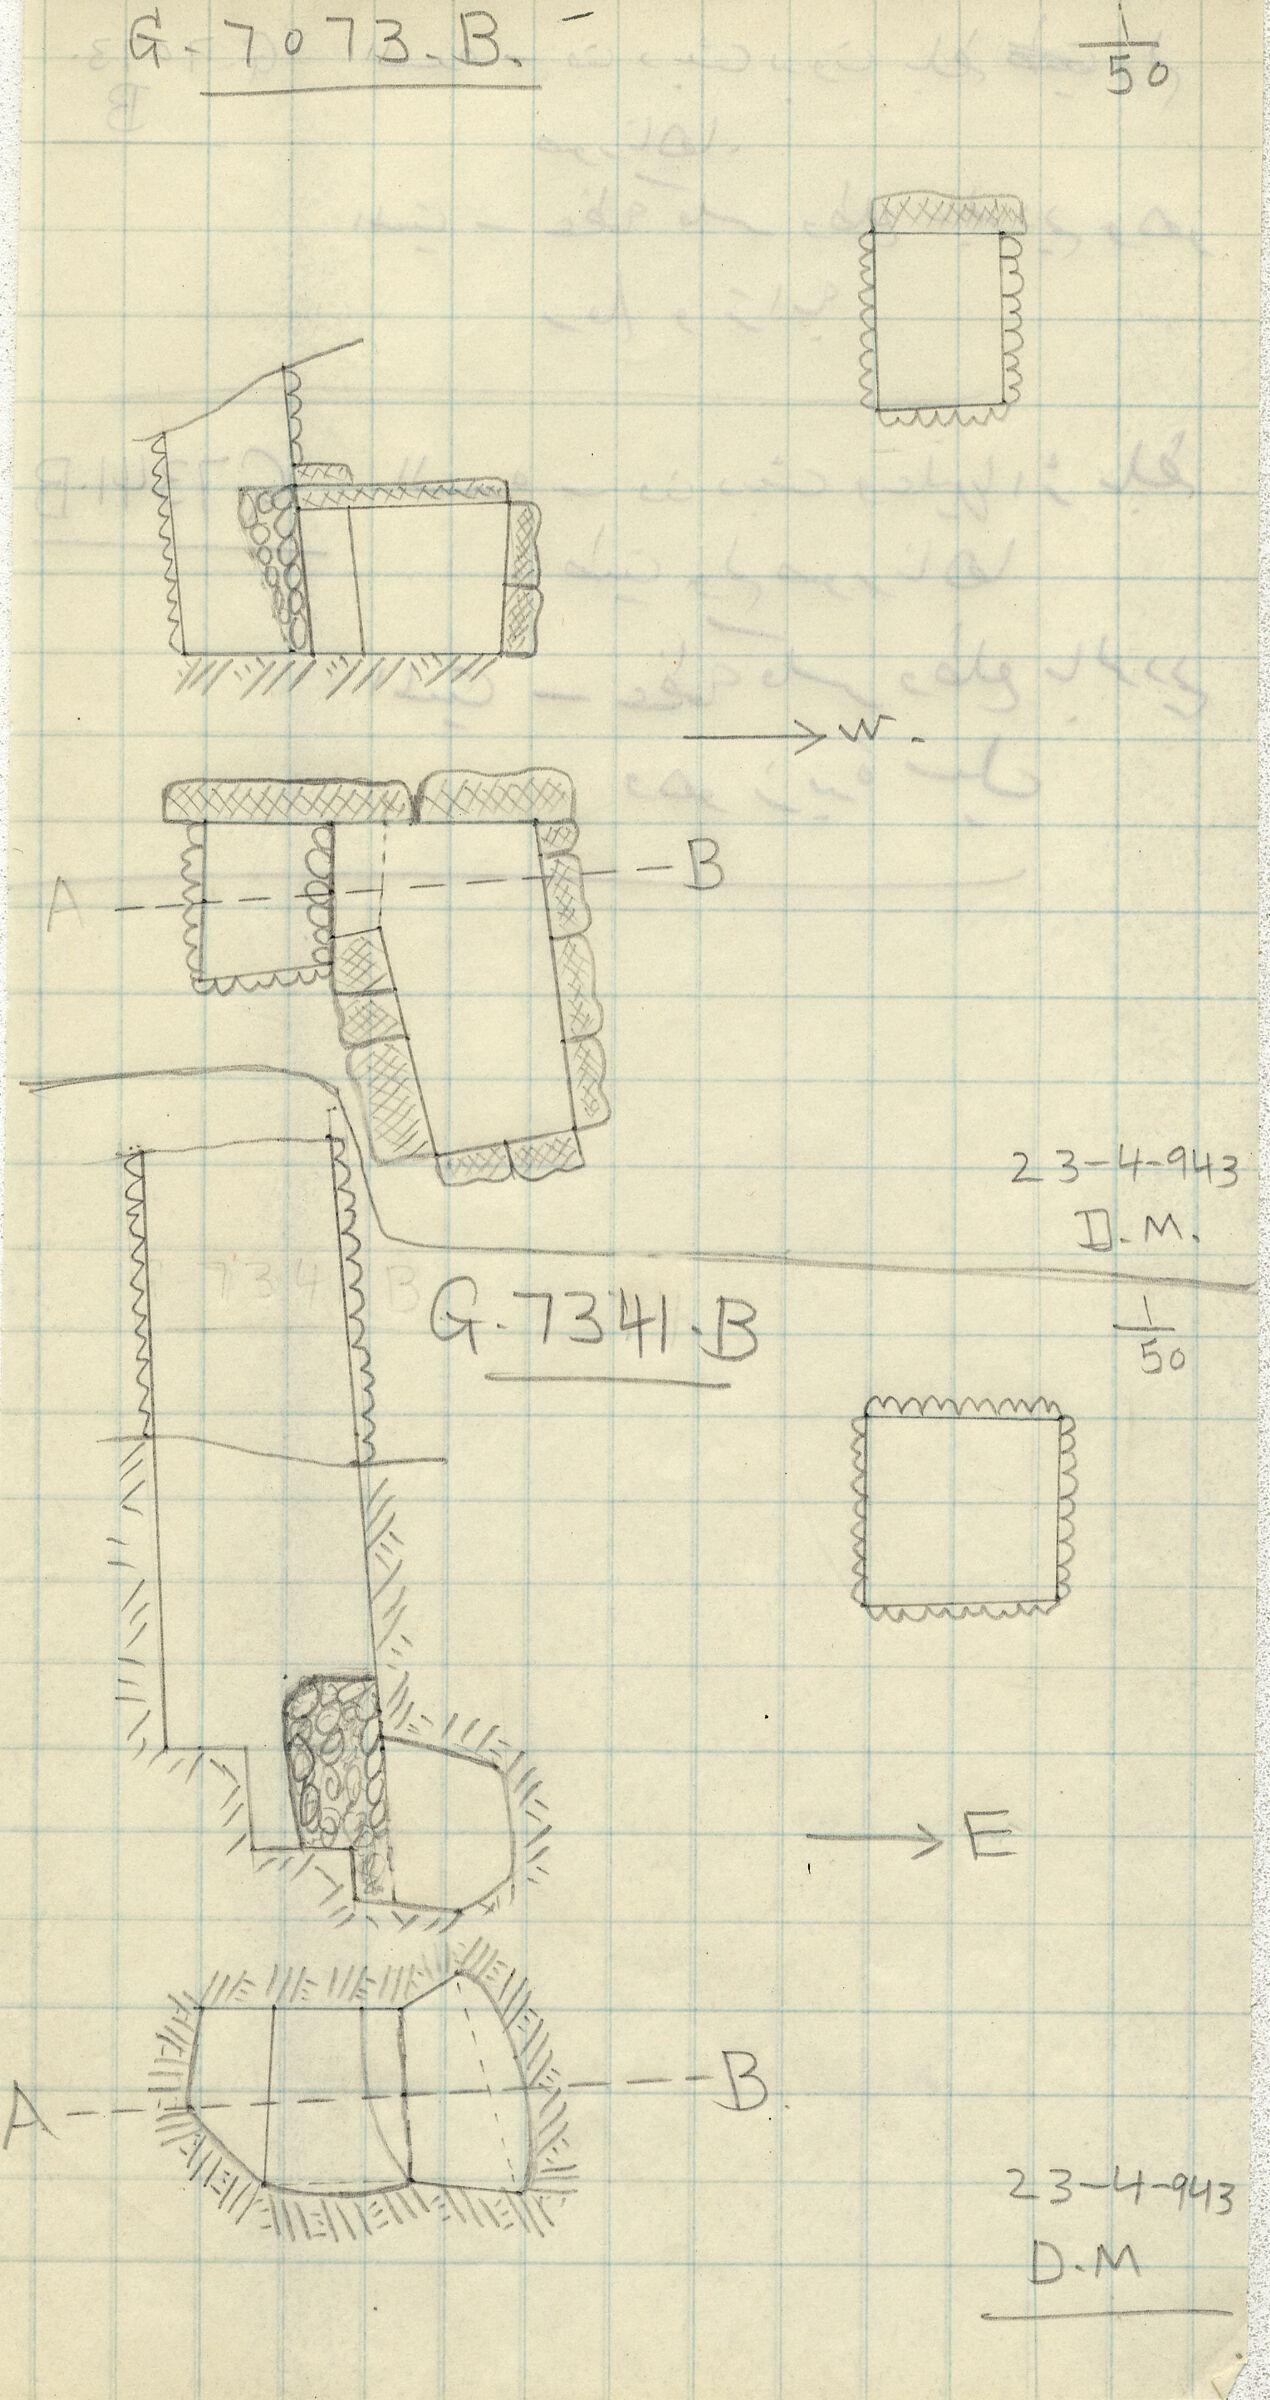 Maps and plans: G 7073, Shaft B & G 7341, Shaft B